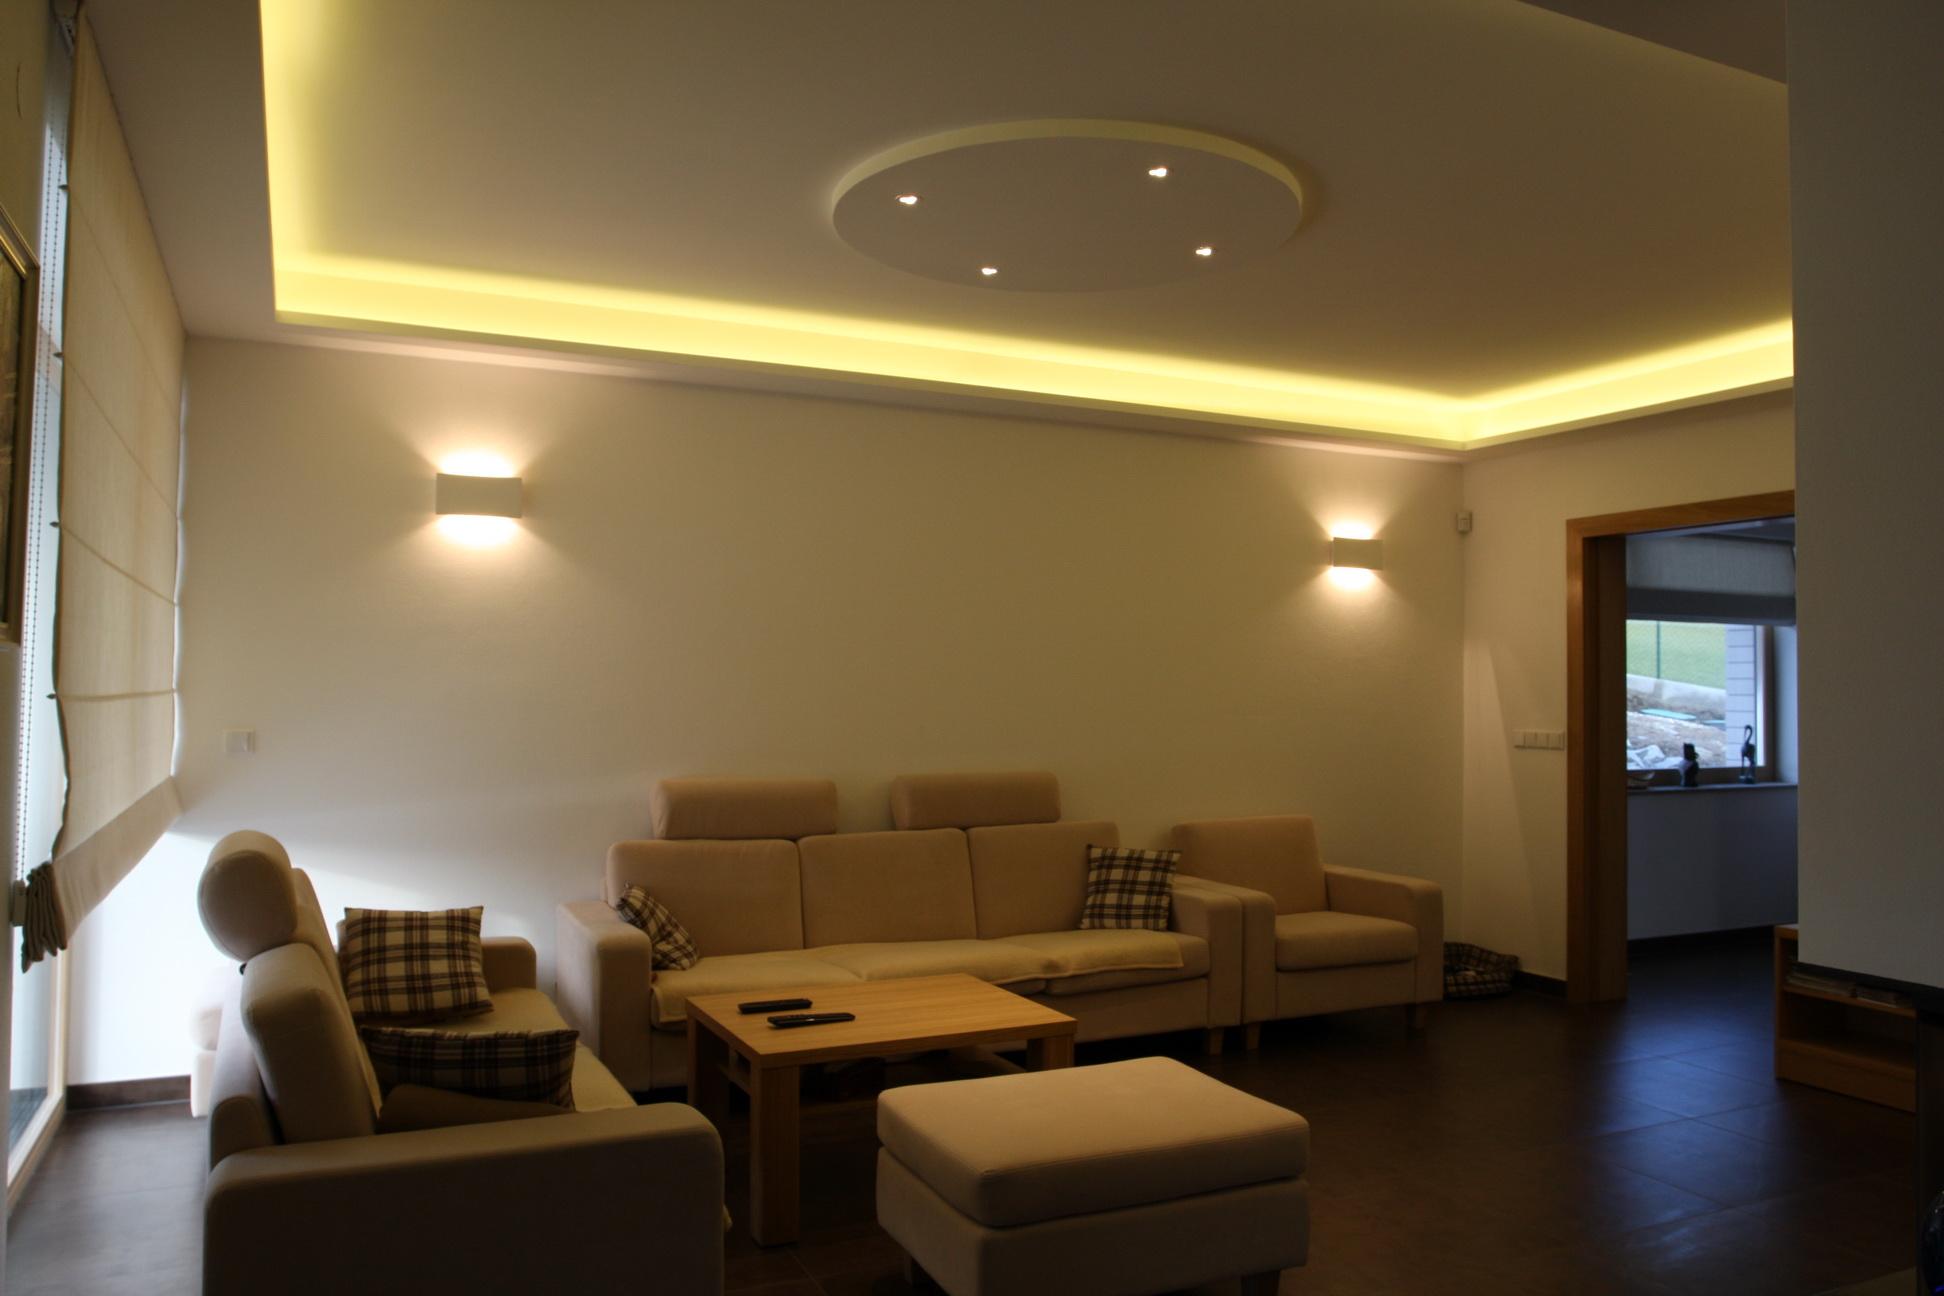 osvětlení-obývacího-pokoje2